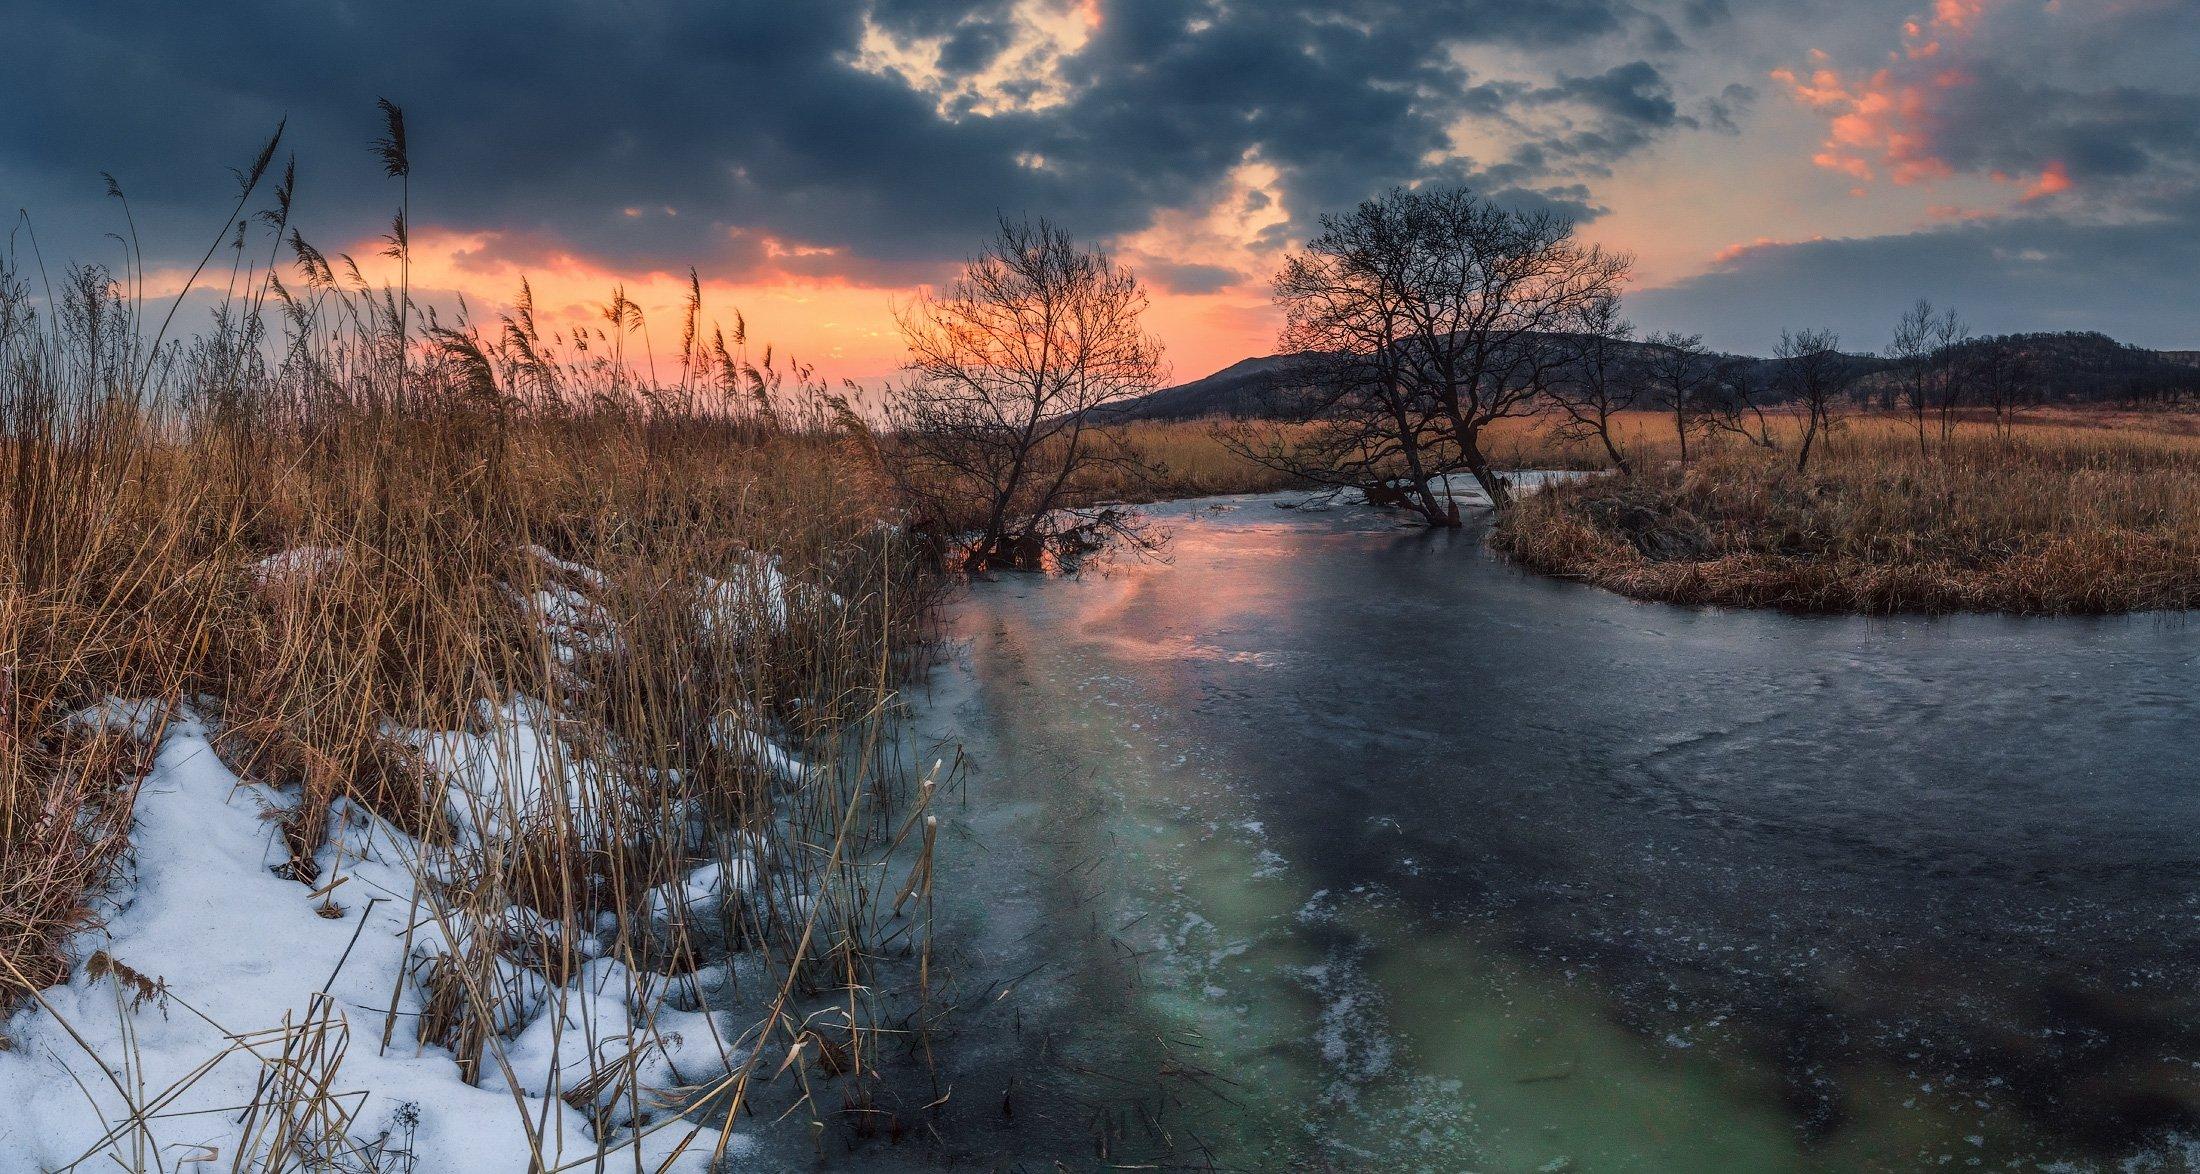 панорама, весна,вечер, закат, деревья, Андрей Кровлин